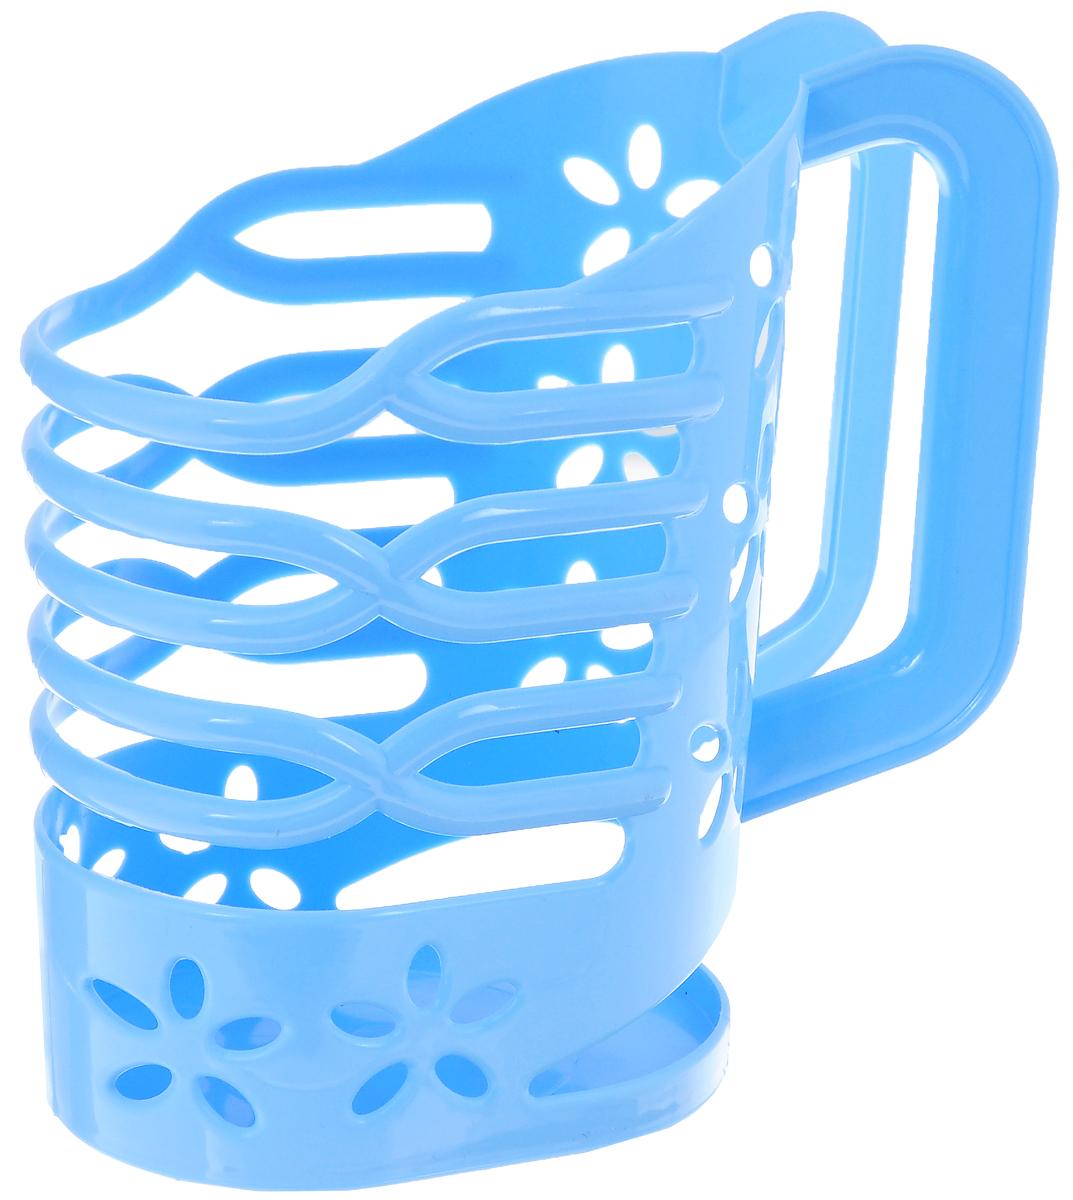 Держатель для молока Альтернатива, цвет: голубой, 1 лM1667_голубойДержатель для молока Альтернатива изготовлен из высококачественного прочного пластика. Изделие предназначено для хранения пакета с молоком, кефиром и другими напитками. Держатель способен подстраиваться под размер пакета и снабжен удобной ручкой. Держатель для молока Альтернатива станет незаменимым аксессуаром на любой современной кухне. Предназначен для молочных пакетов объемом: 1 л.